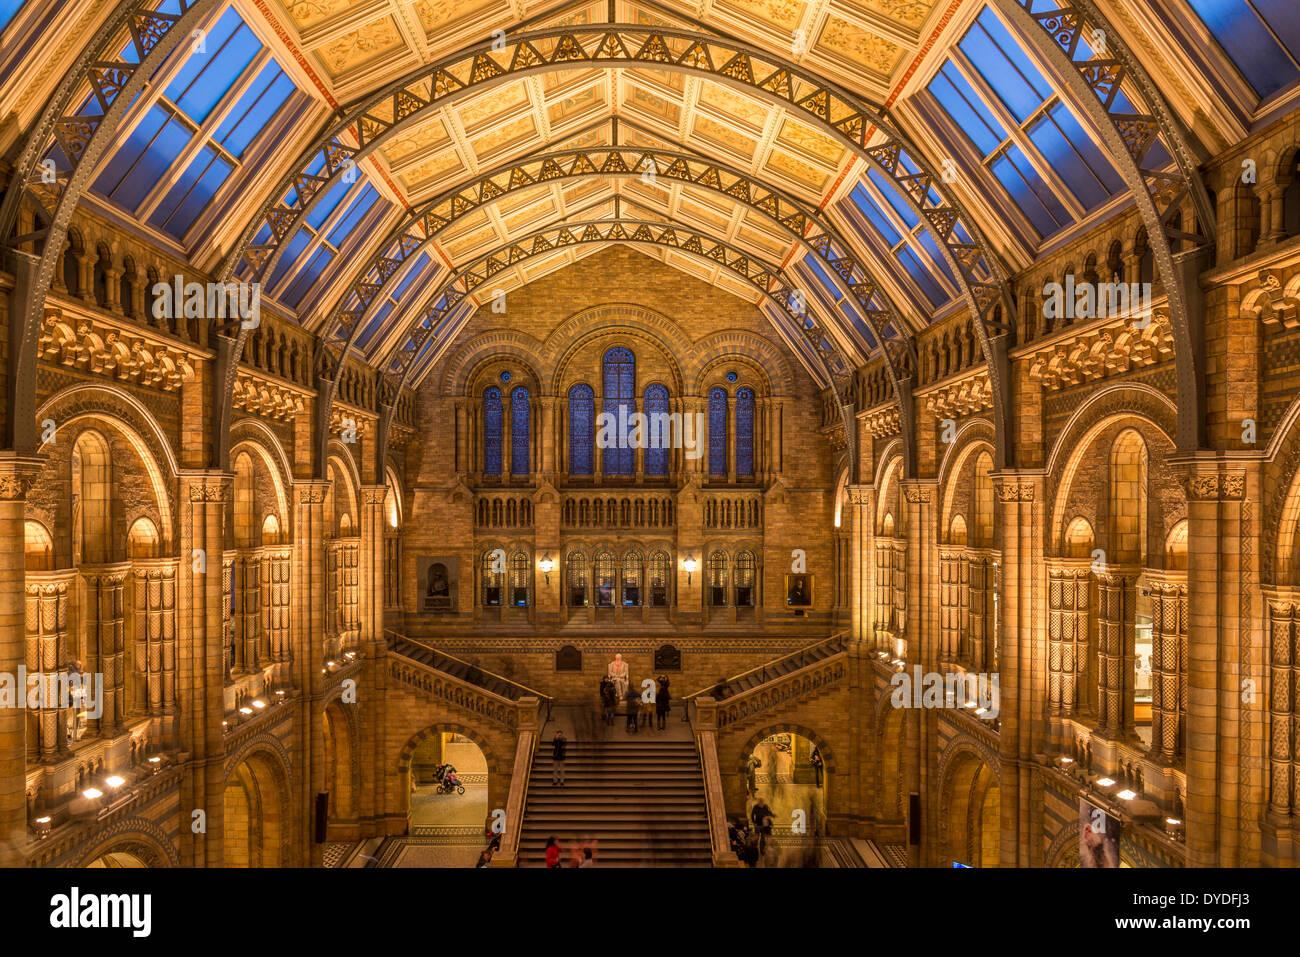 Le hall central dans Natural History Museum de Londres. Photo Stock